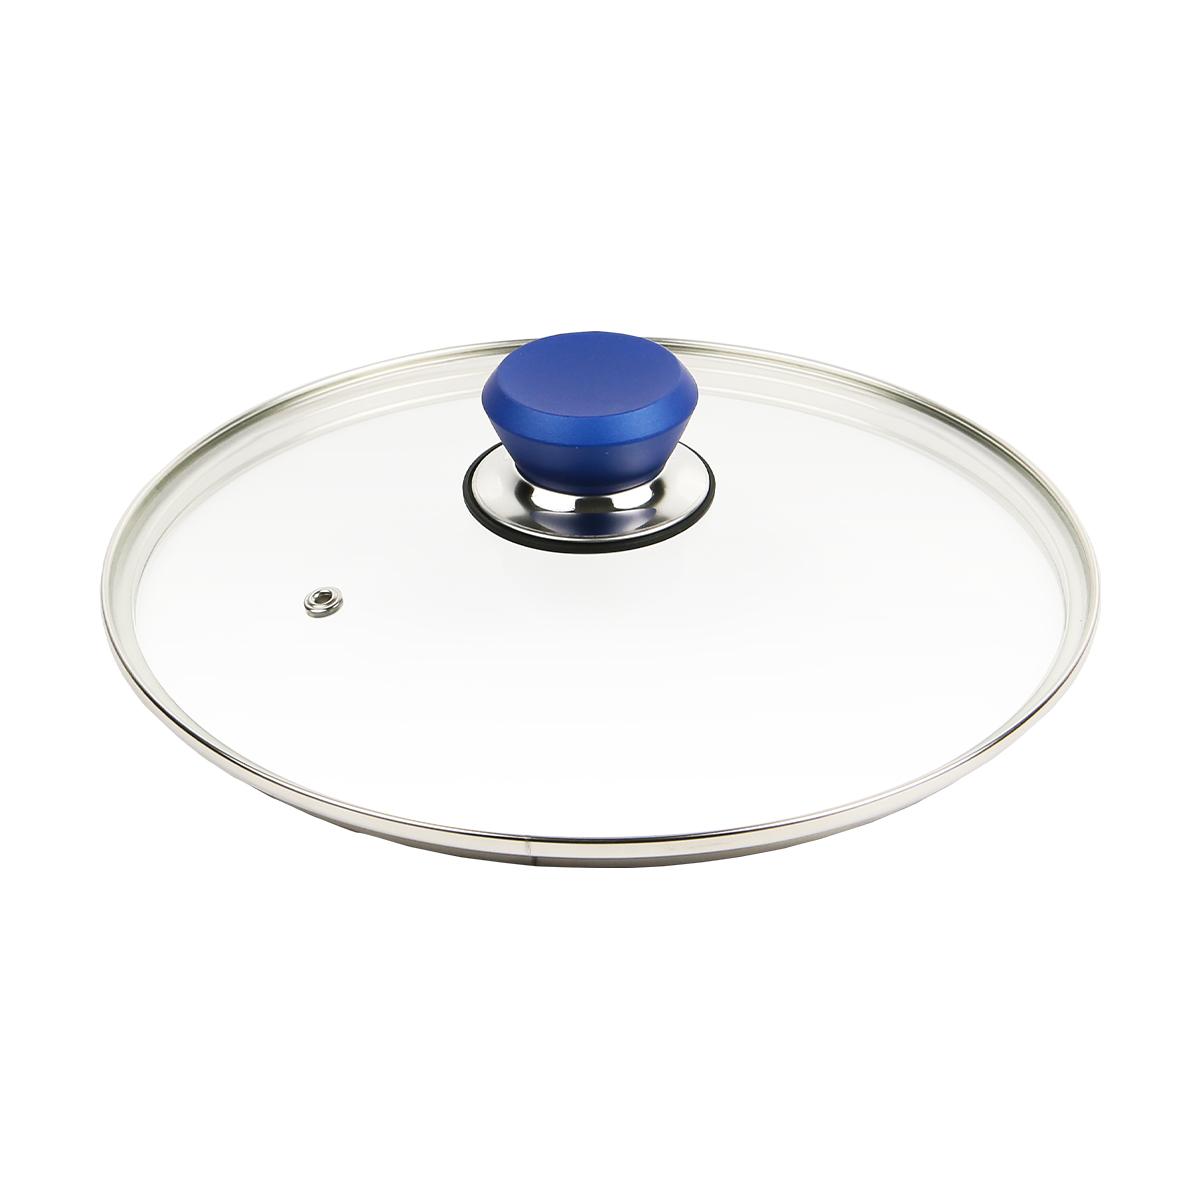 フレーバーストーン 24cm 専用ガラス蓋 ブルー